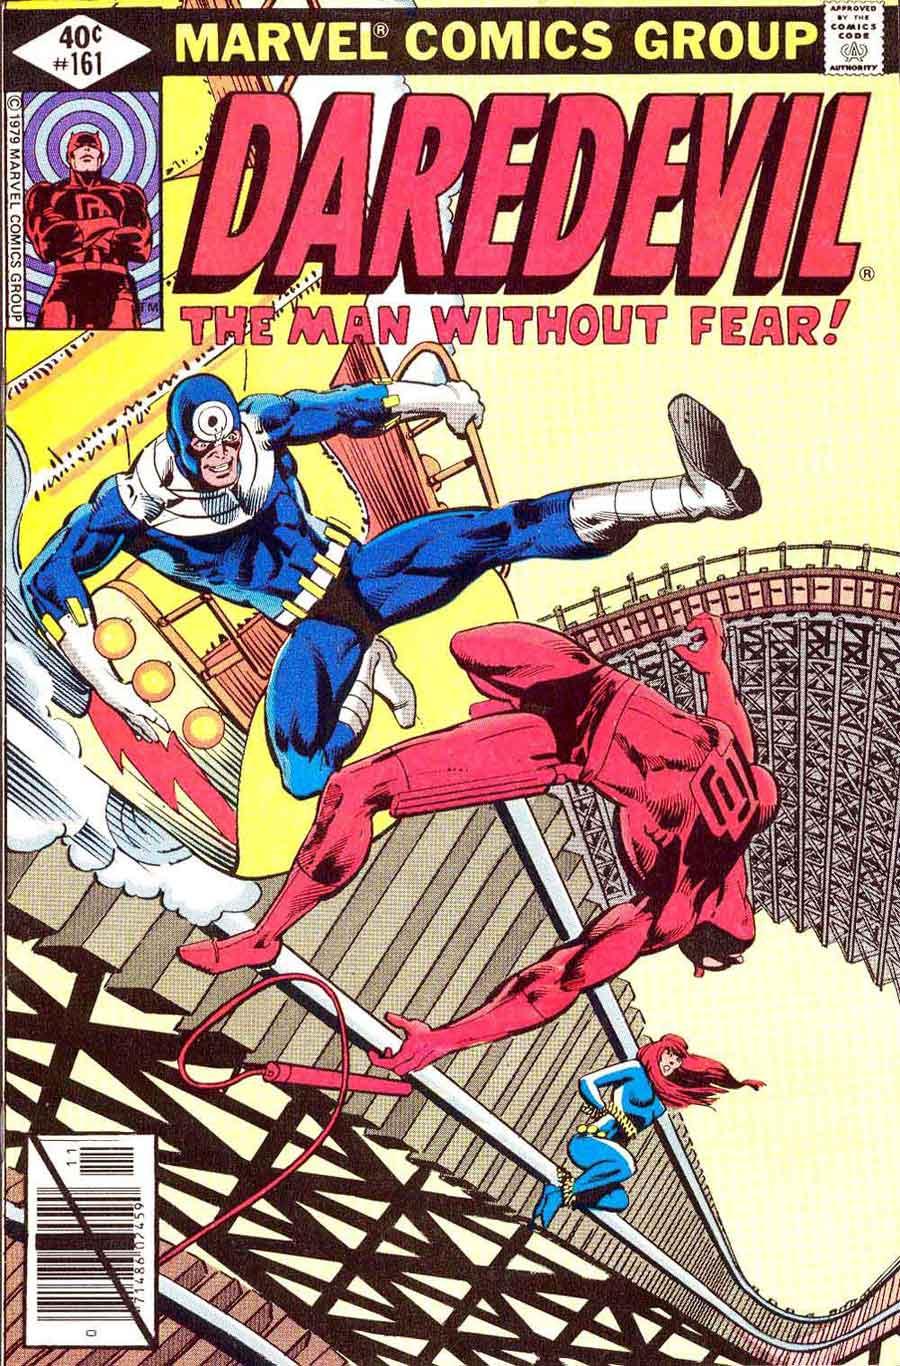 Daredevil v1 #161 bullseye marvel comic book cover art by Frank Miller